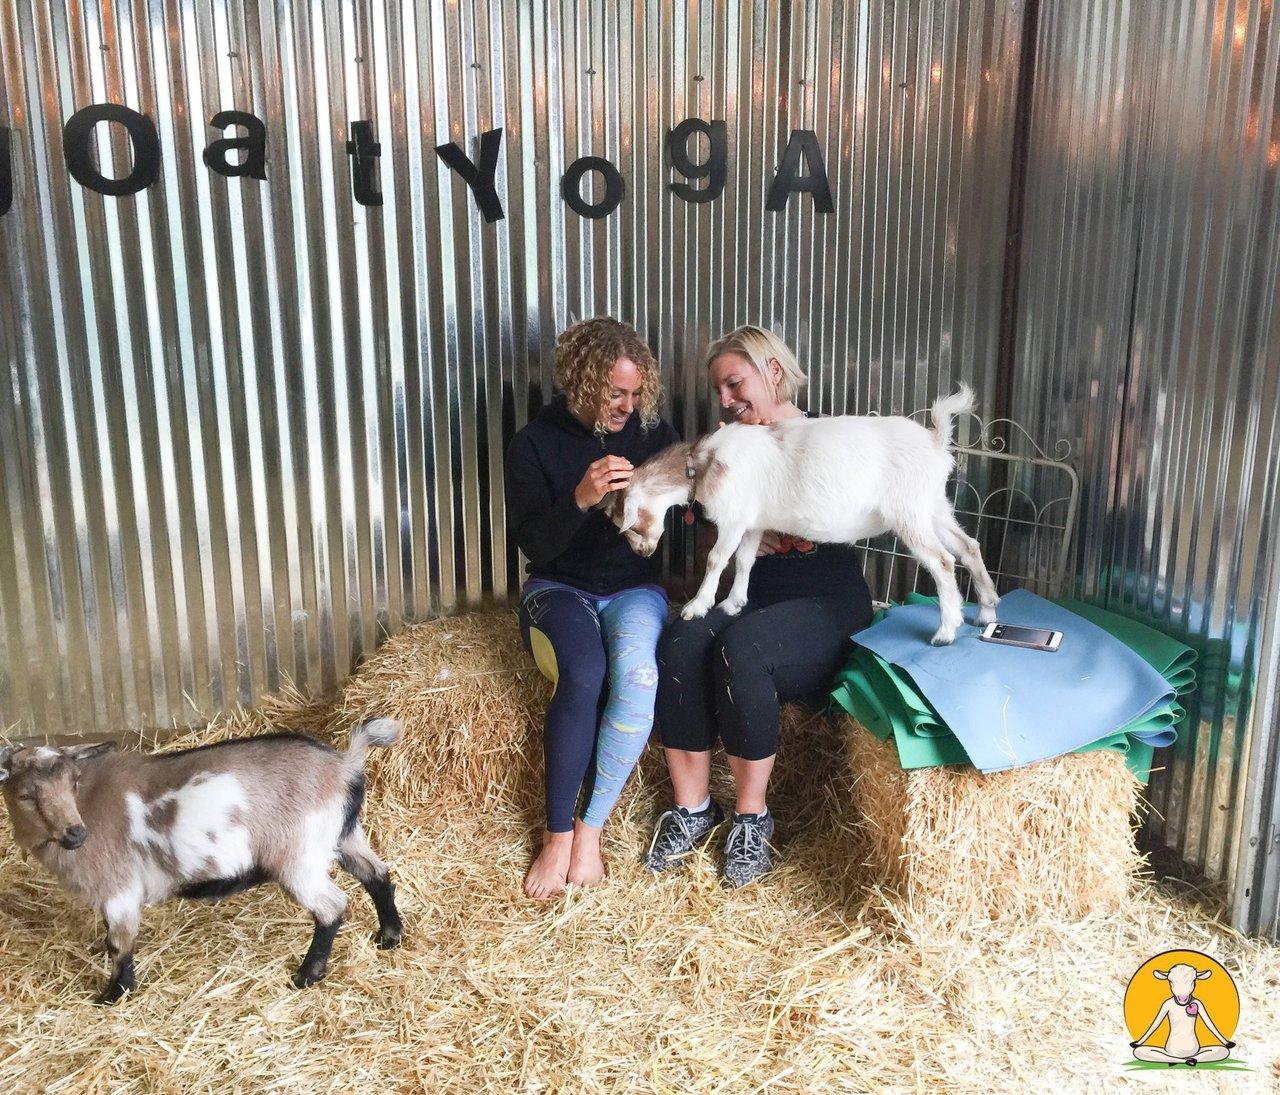 Original Goat Yoga Team Building photo 39054795_357047811500875_2565844974805450752_o.jpg